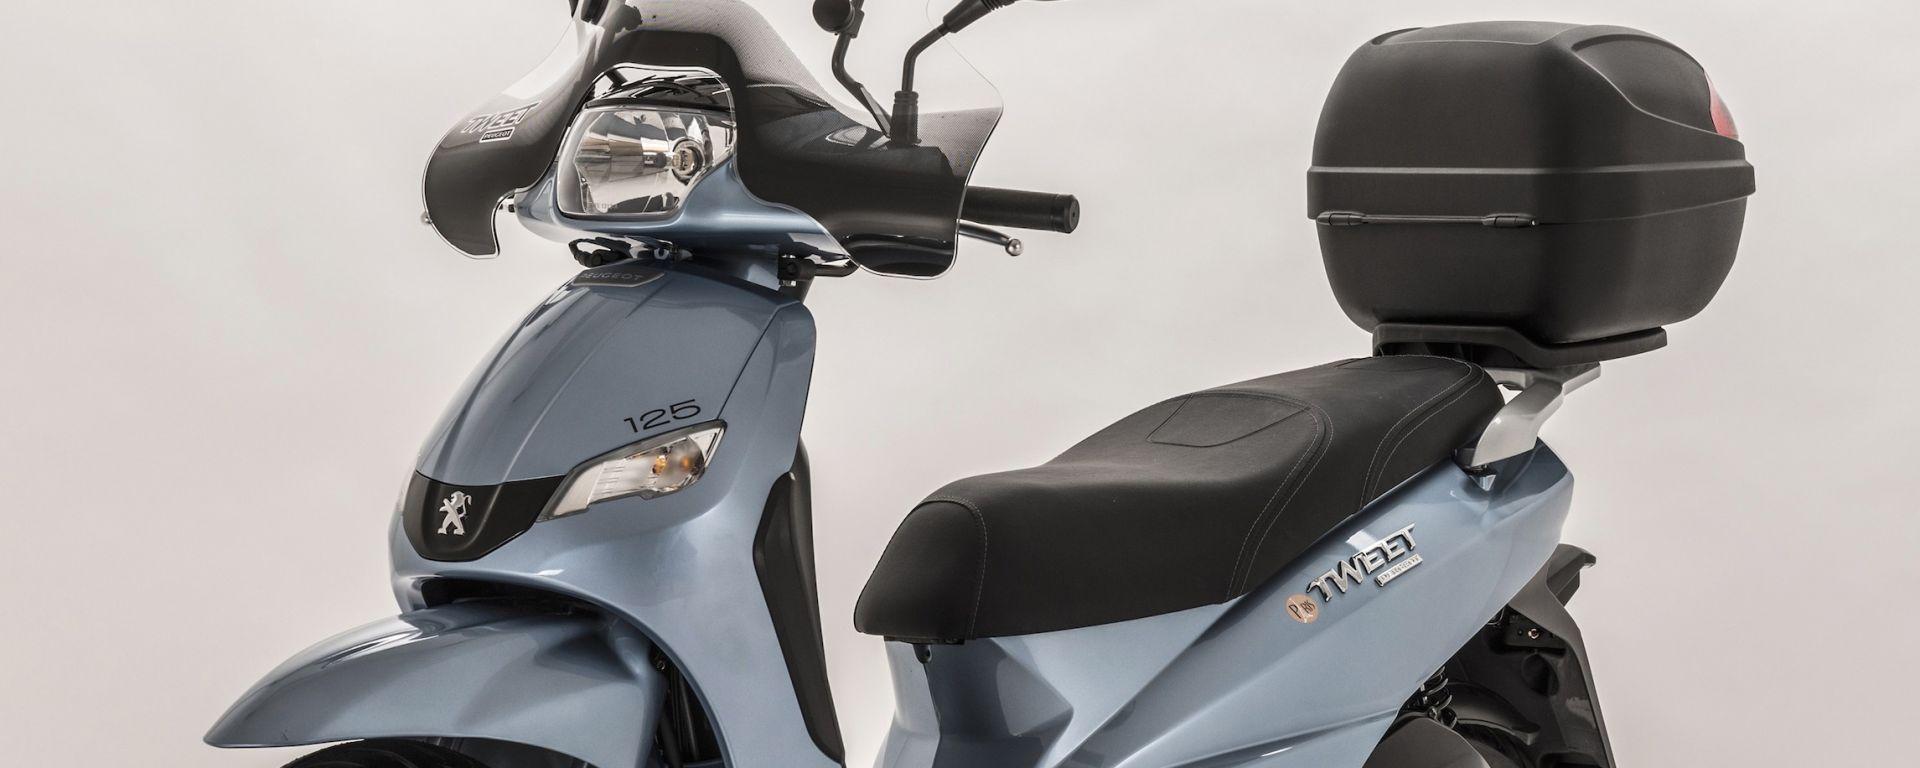 Novit scooter peugeot tweet paris e double black motorbox for Garage scooter peugeot paris